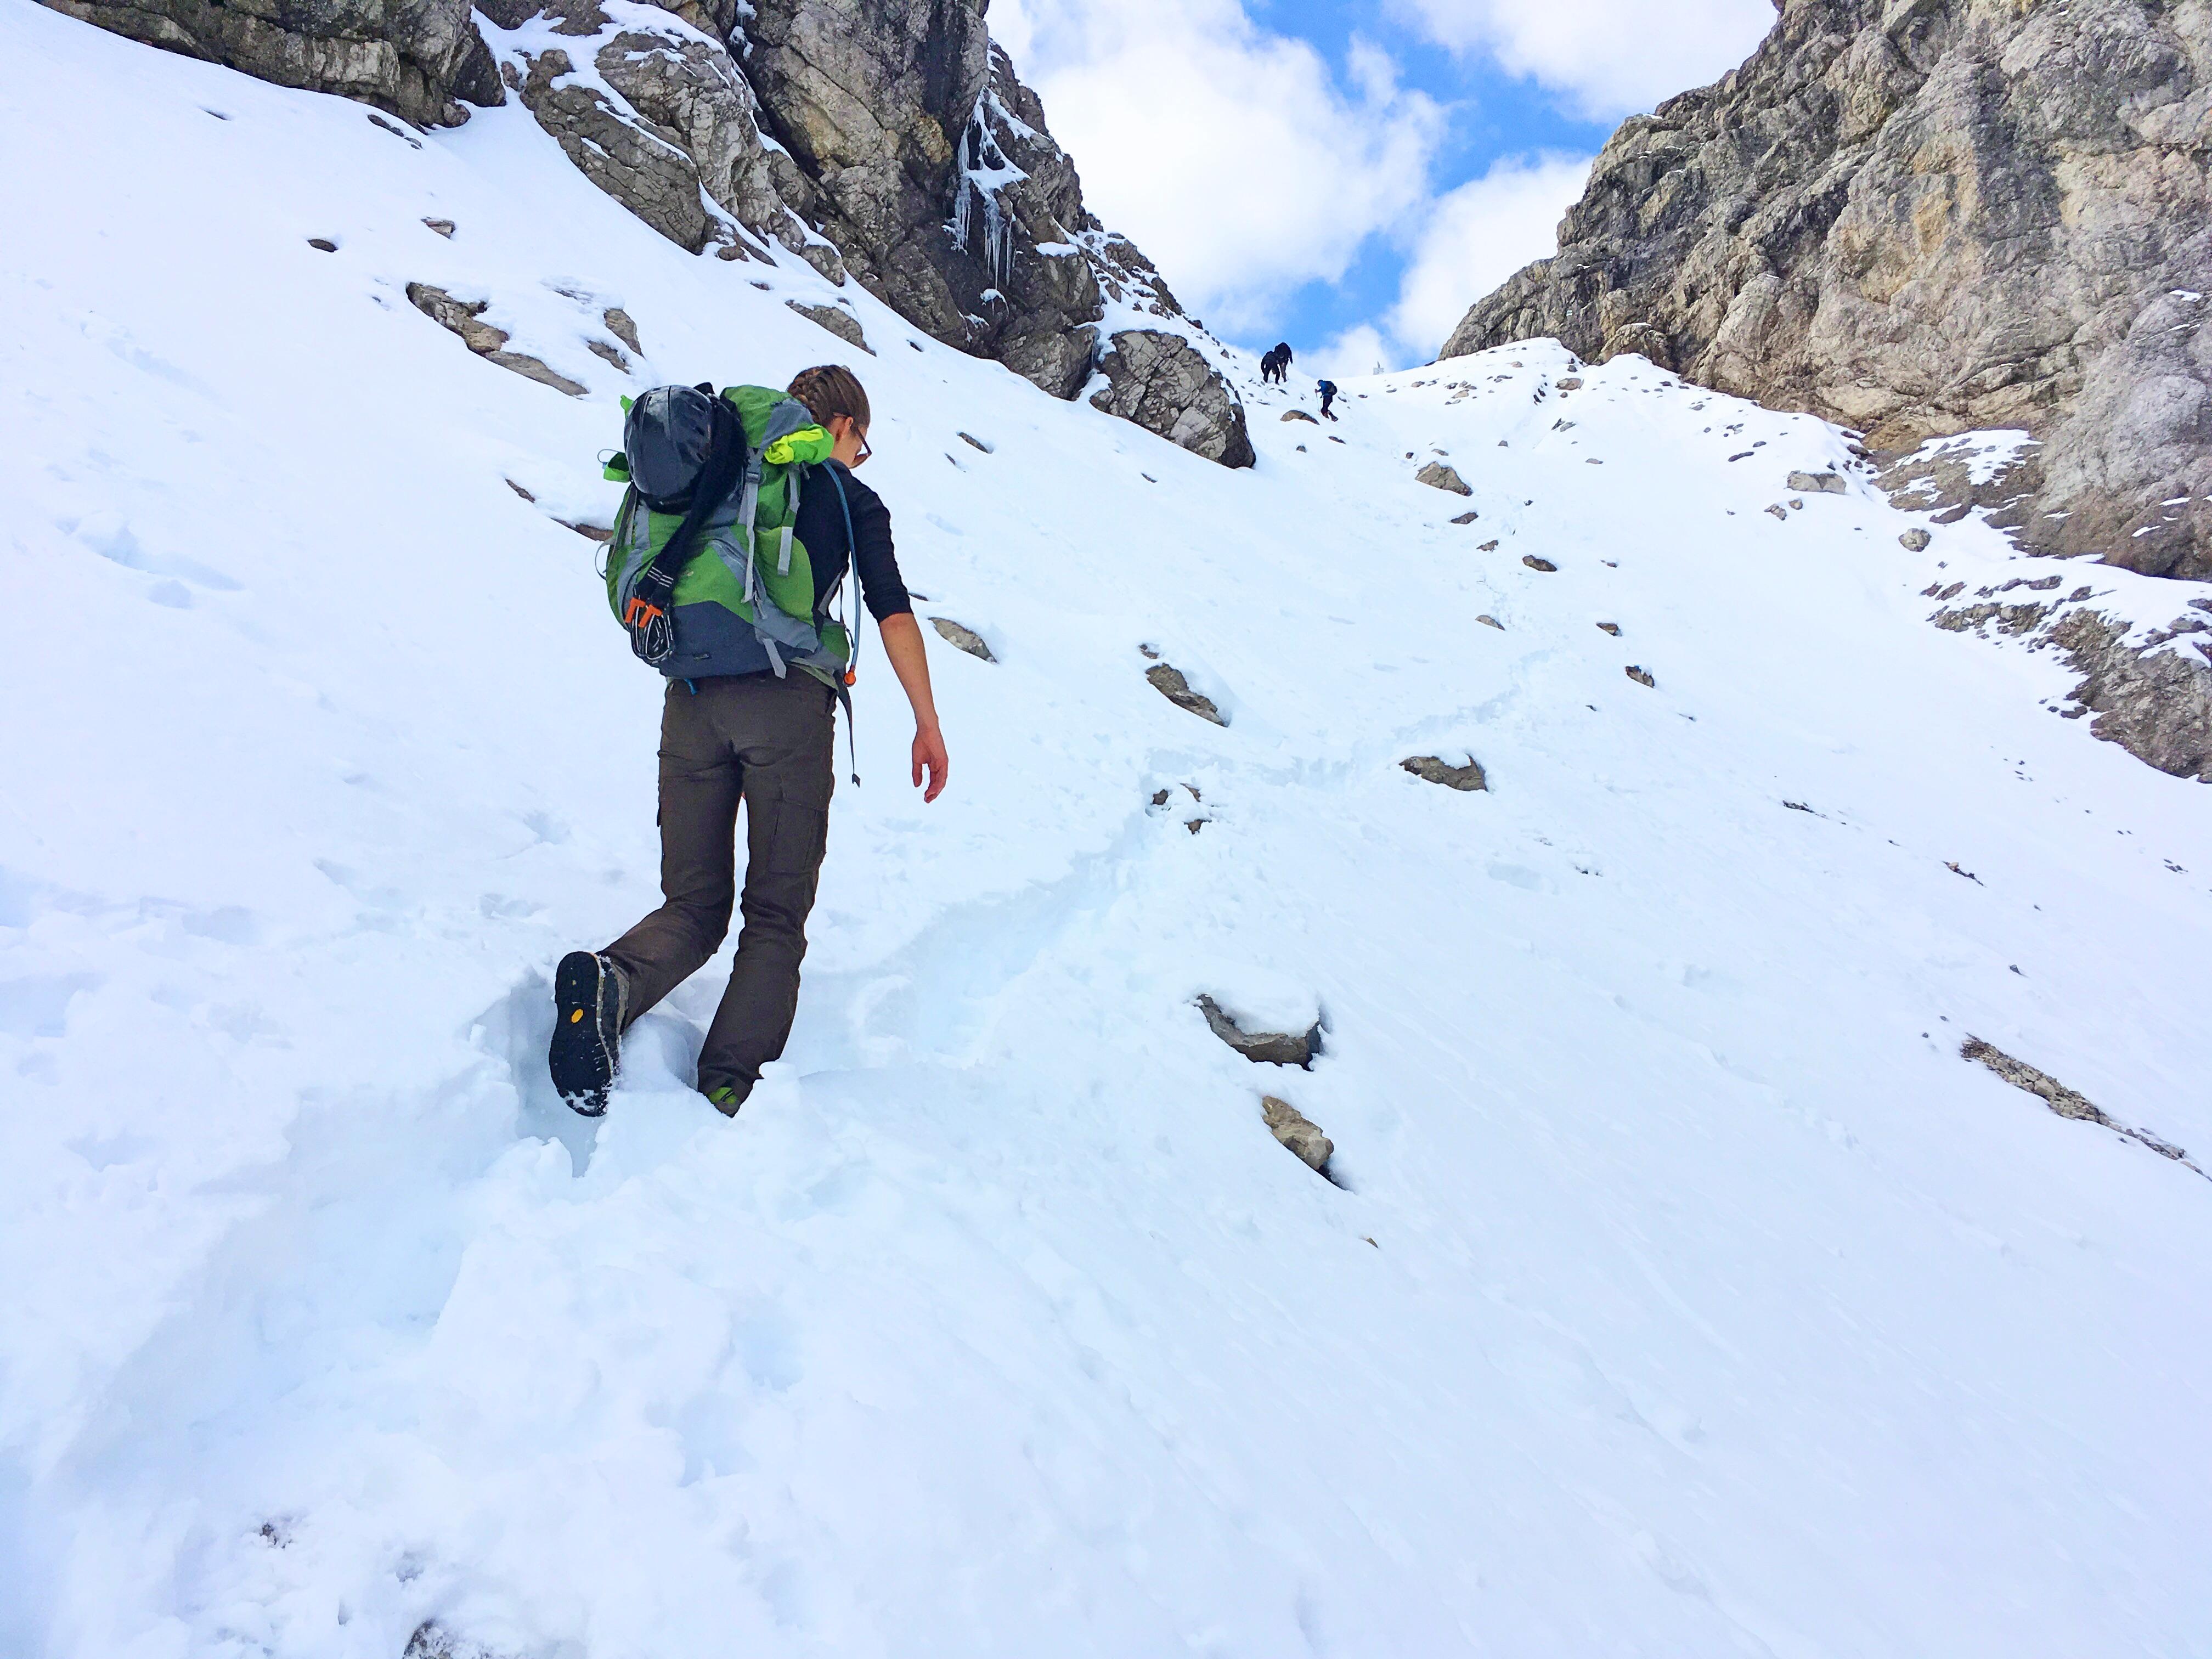 Bergtour Hochvogel: Im Kalten Winkel liegt zu jeder Jahreszeit ein dichtes Schneefeld.